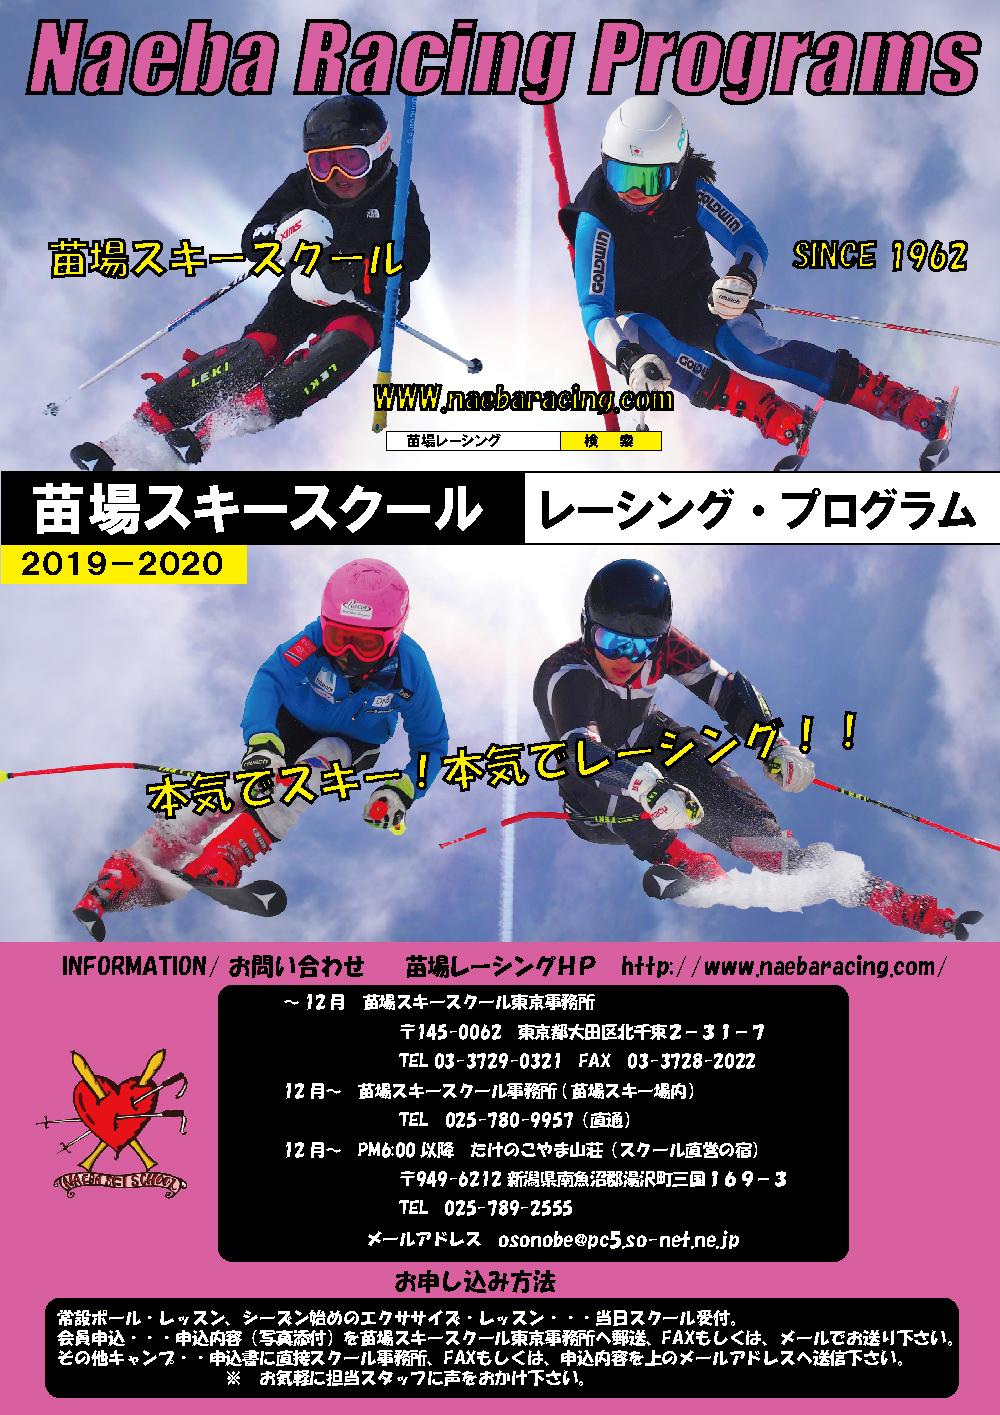 2020苗場スキースクール・レーシング・プログラム表紙